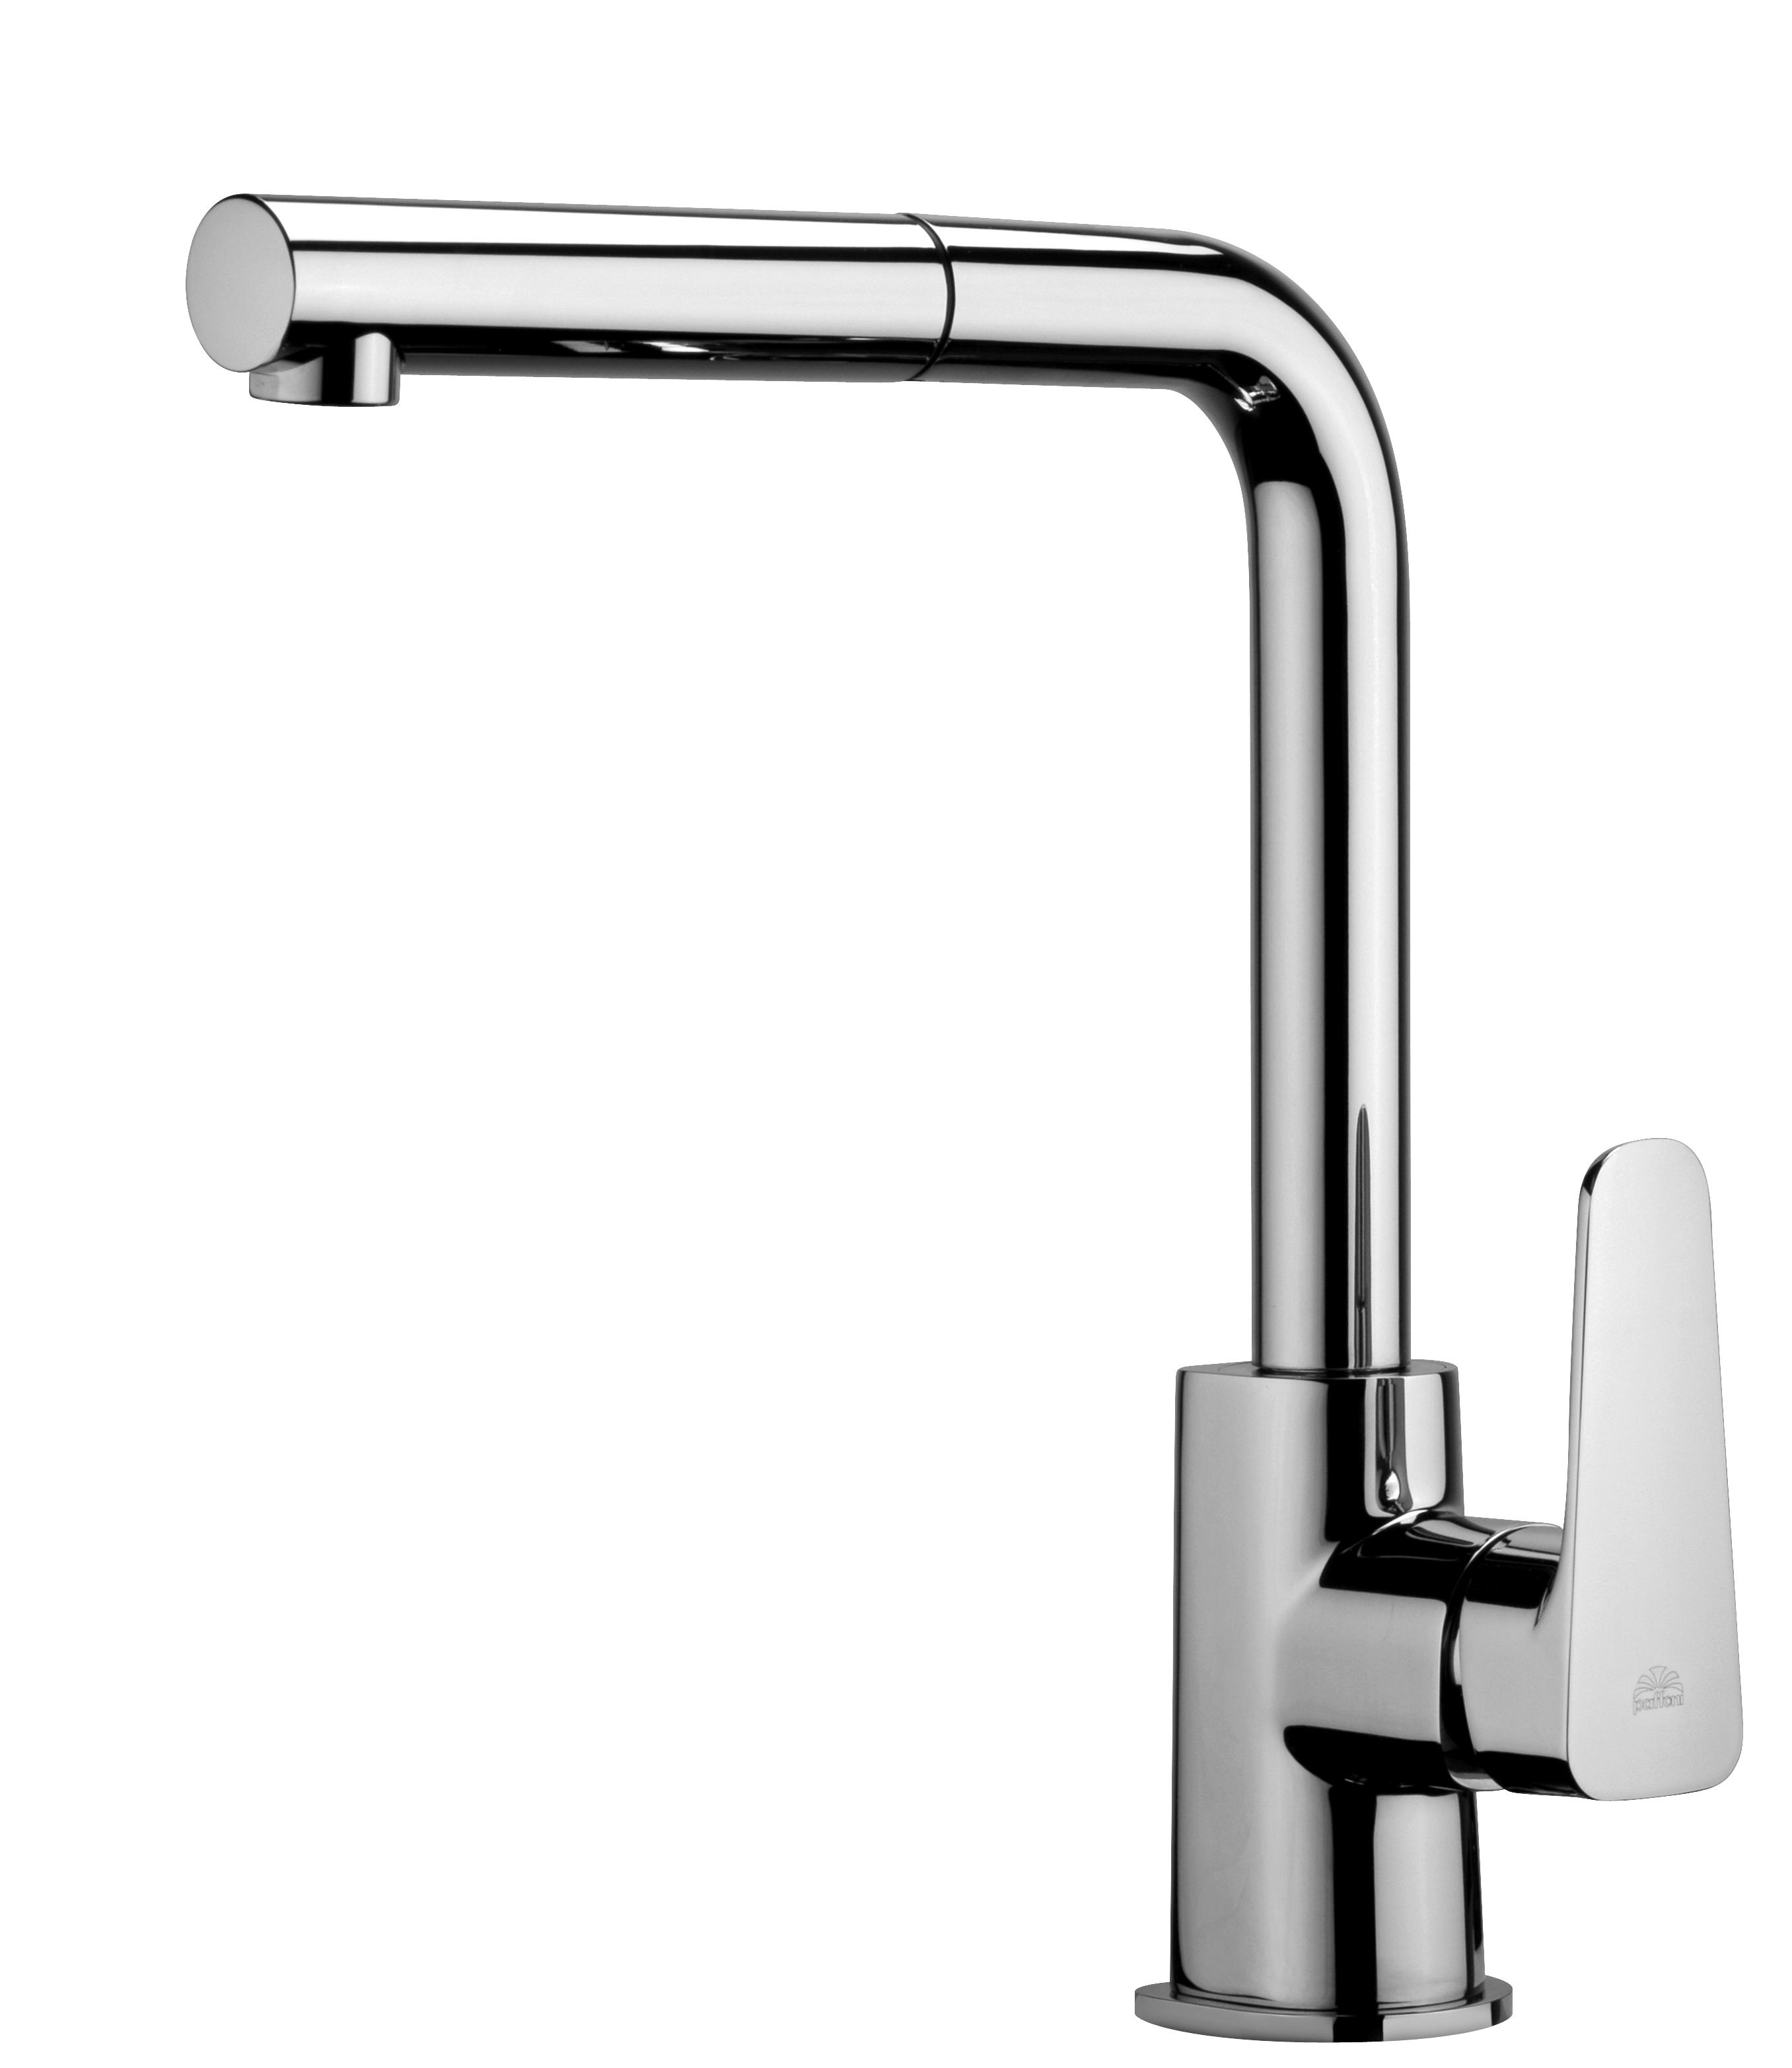 VÒI CHẬU NÓNG LẠNH PAFFONI SY185CR11 (Vòi lavabo model: SY185CR11)